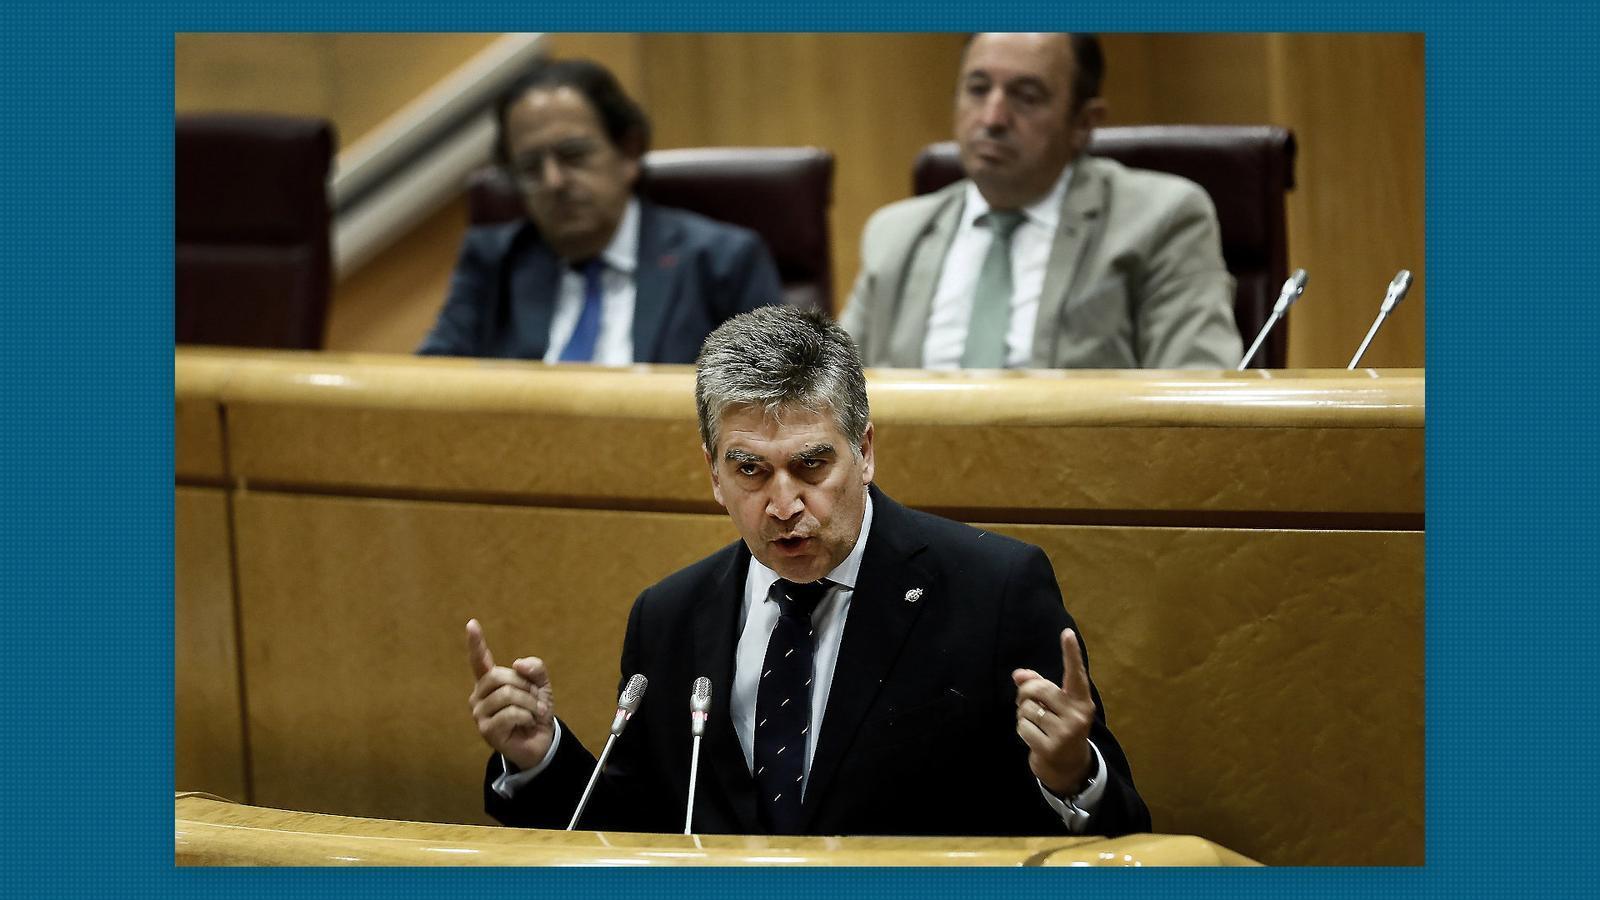 L'anàlisi d'Antoni Bassas: '21 a 0 o les hemos destrozado el sistema judicial'